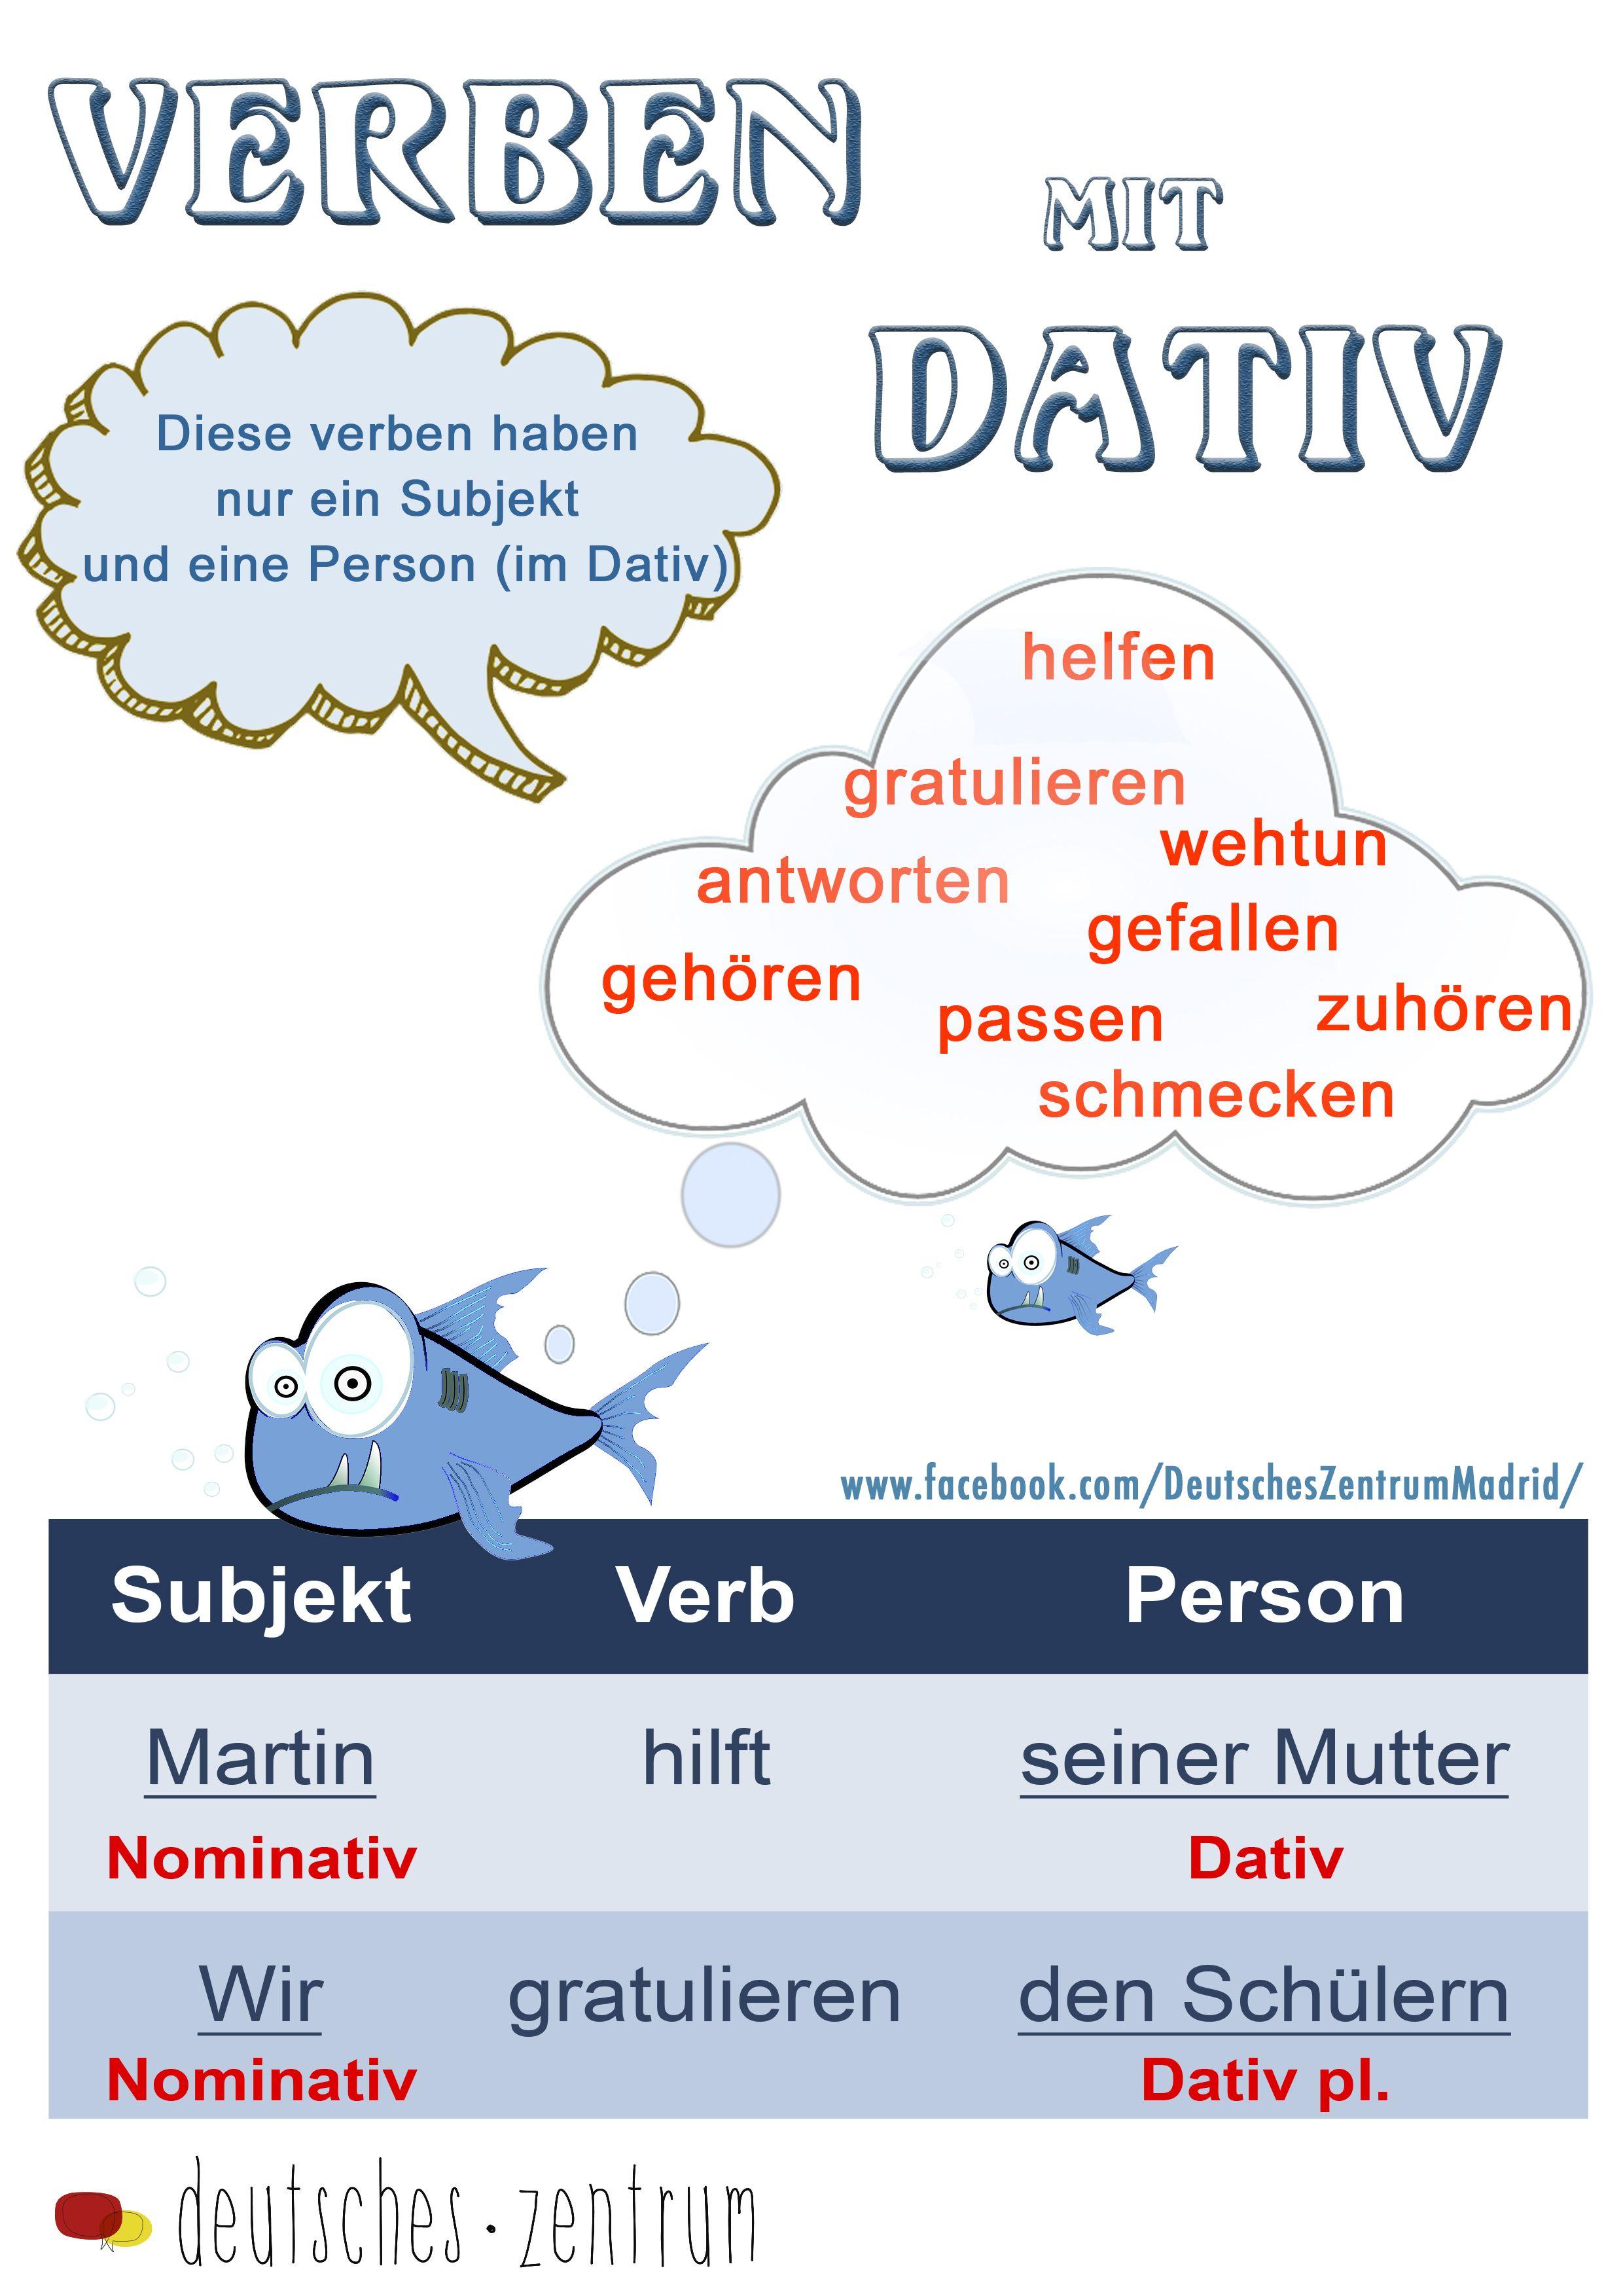 Verben Mit Dativ Deutsch Wortschatz Grammatik German Aleman Daf Vocabulario